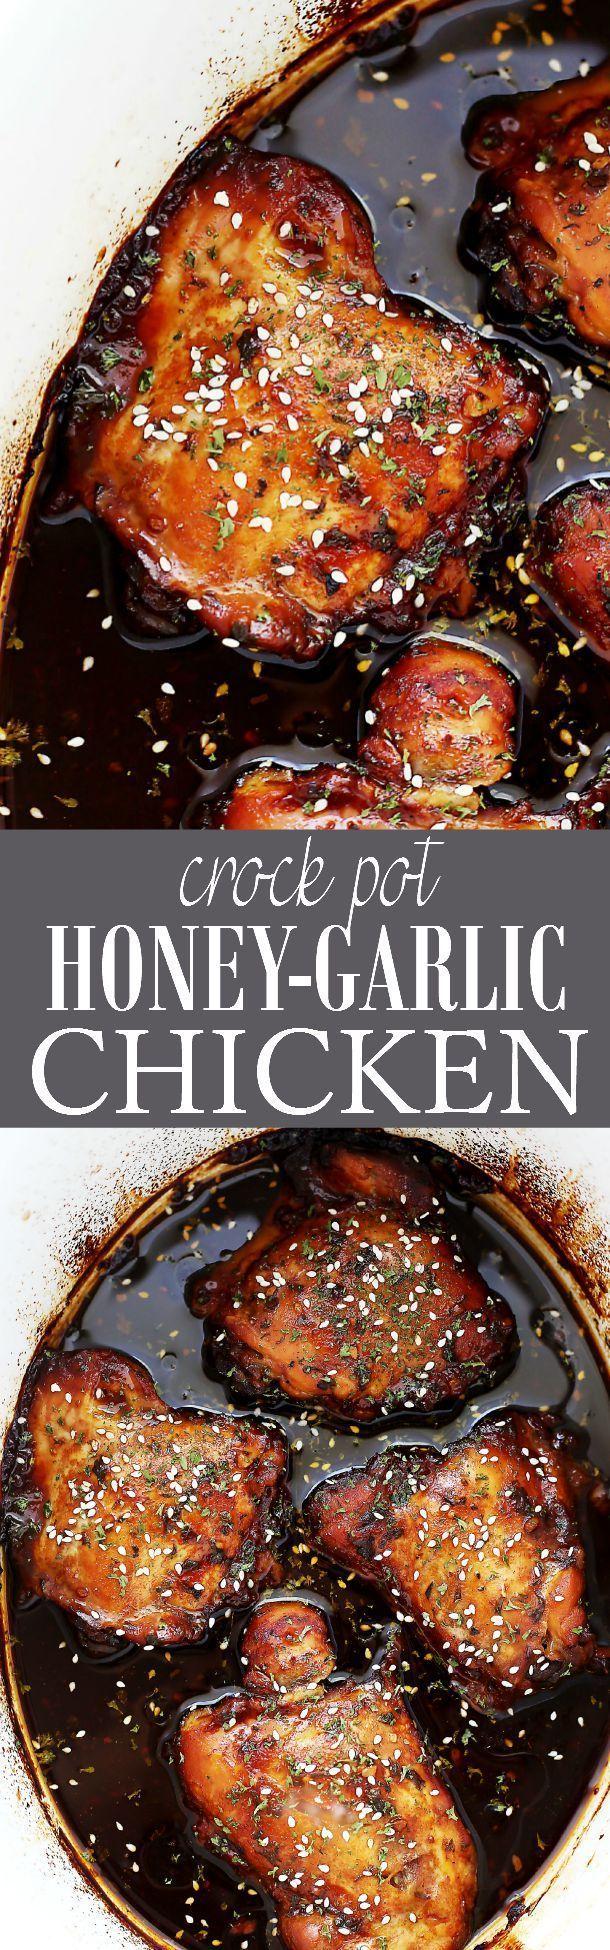 Crock Pot Honey Garlic Chicken - Easy crock pot recipe for chicken thighs cookedin an incredibly delicious honey-garlic sauce.